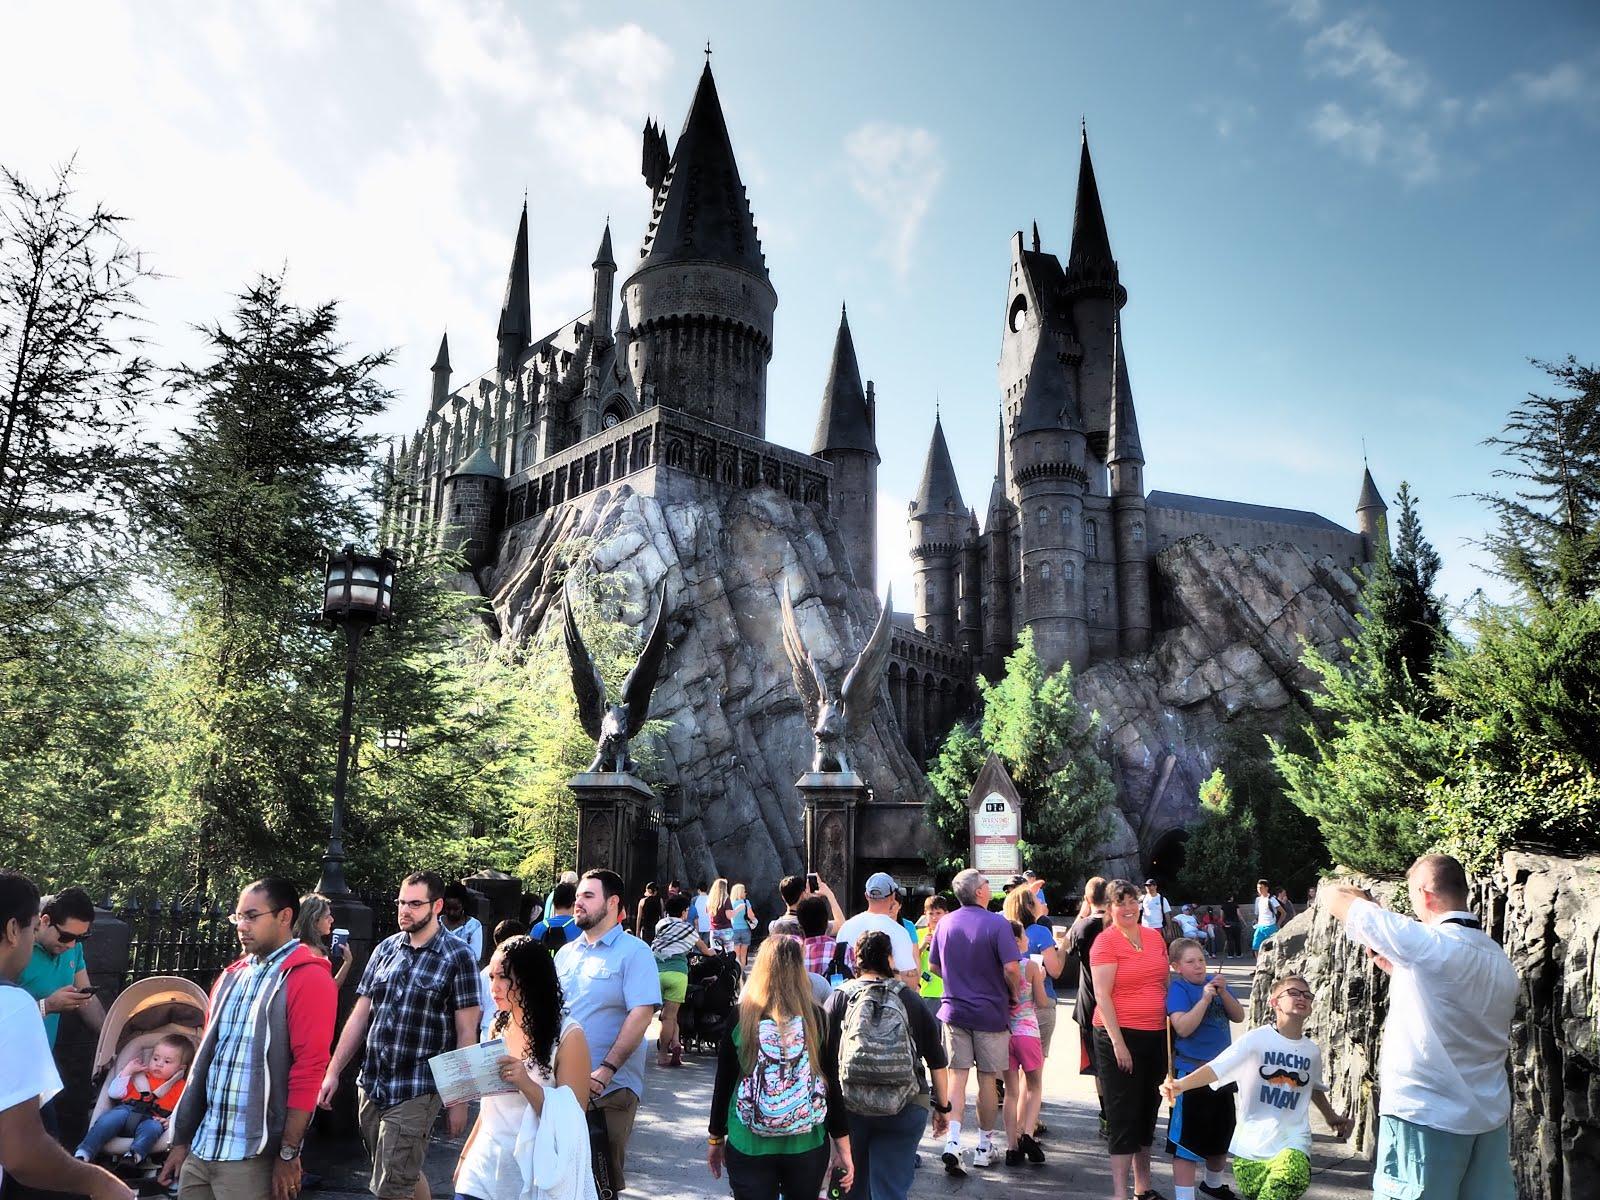 【美國】佛羅里達奧蘭多環球影城及KKDAY訂票 Universal Studio Florida - 【攝影旅者】美國國家公園與世界自助旅行遊記